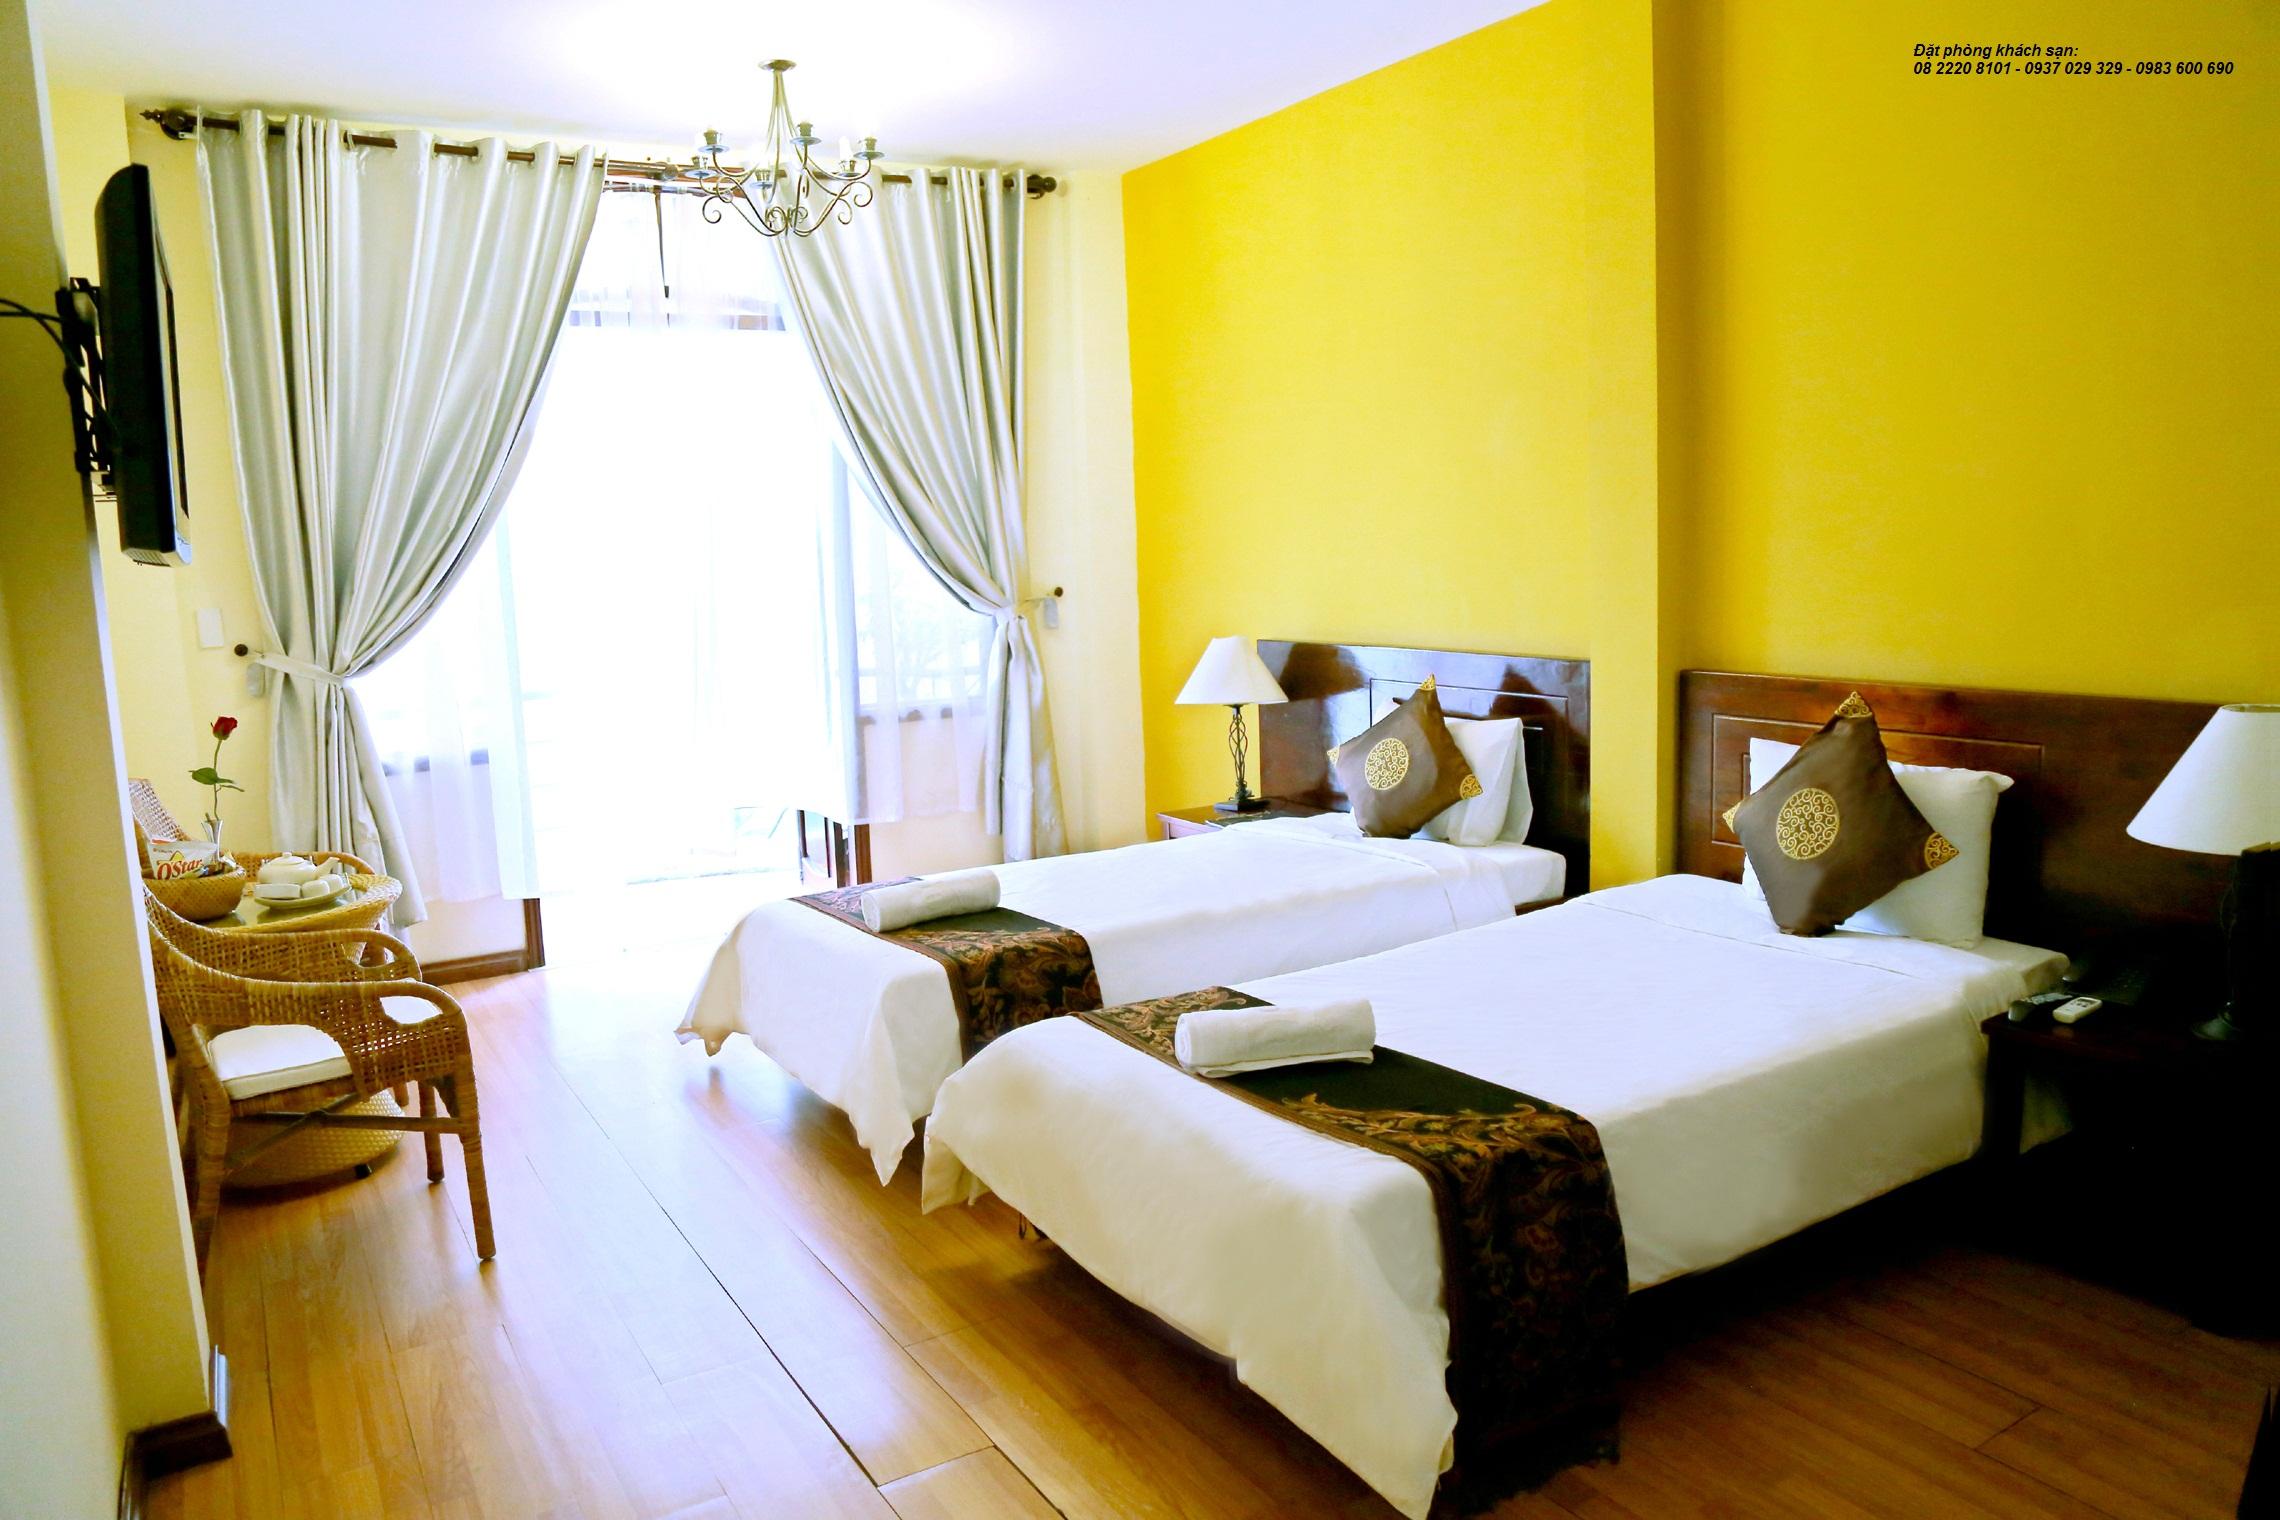 Gold Coast Hotel Đà Nẵng, Khách sạn Gold Coast tại Đà Nẵng, phòng khách sạn gold Coast, Khách sạn 3 sao Gold Coast